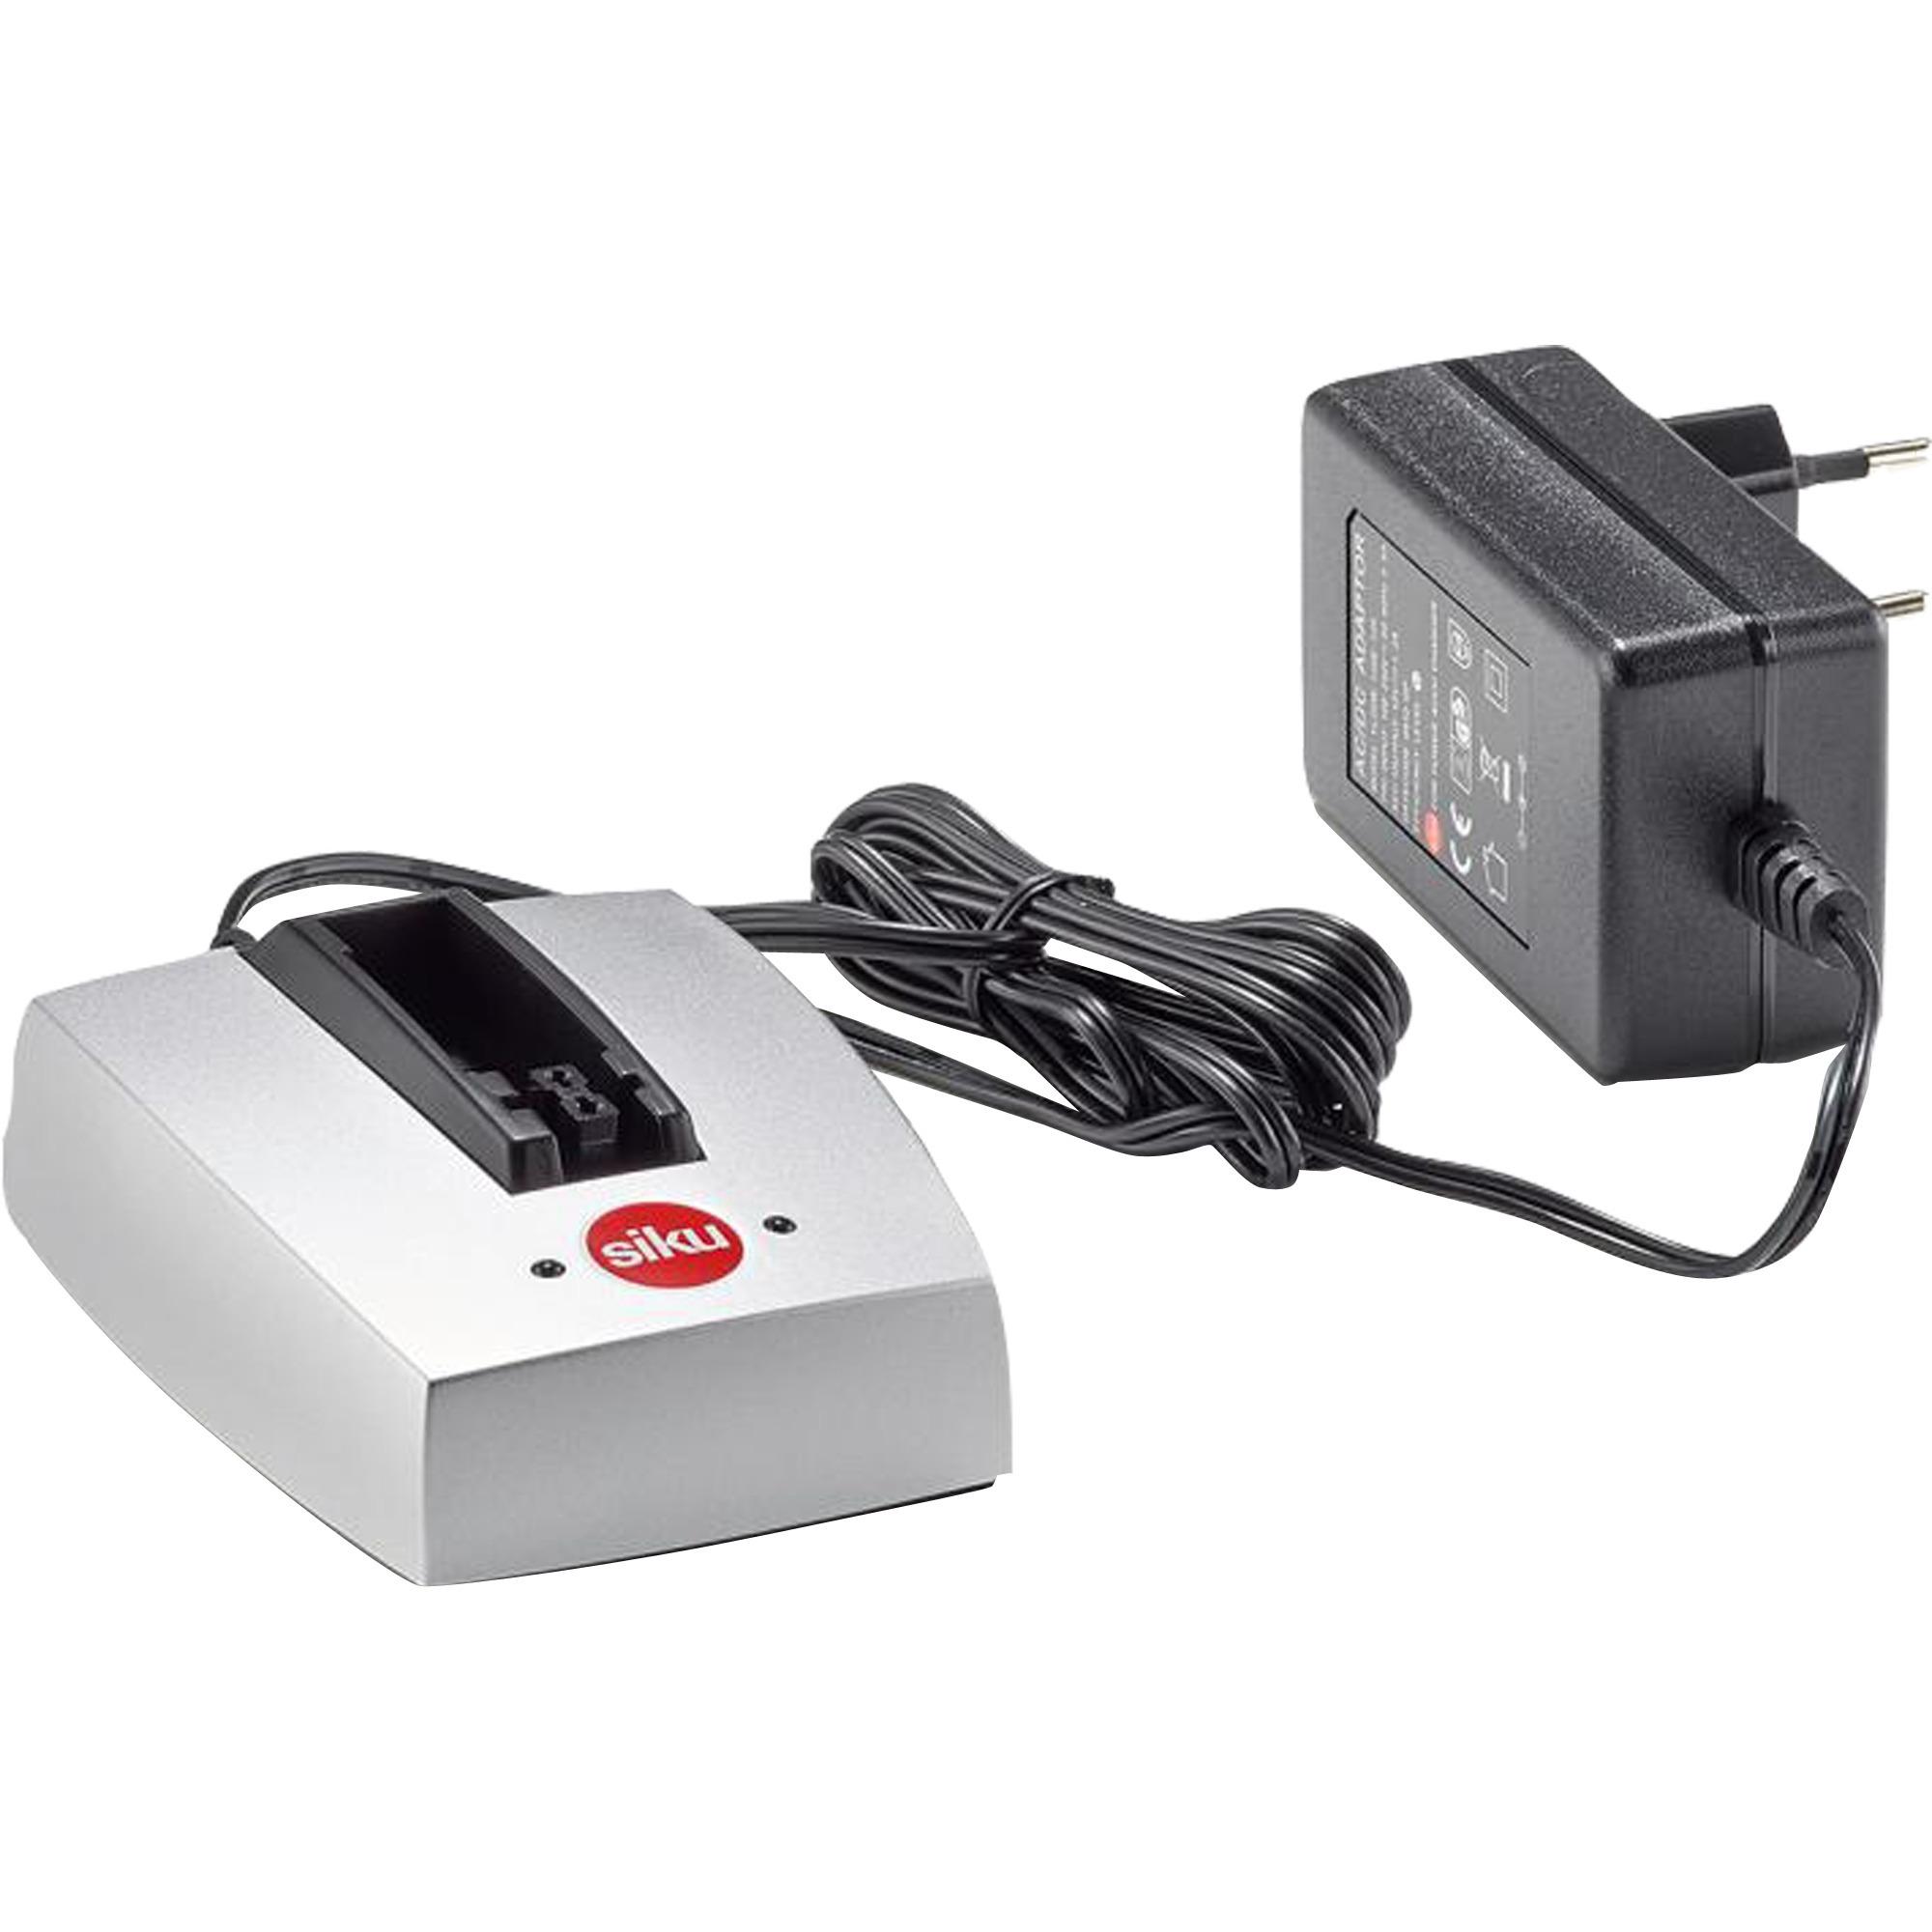 Modèle À L'échelle - Power Accu Chargeur (eu) +transfo+fil De Connection Sans Batterie